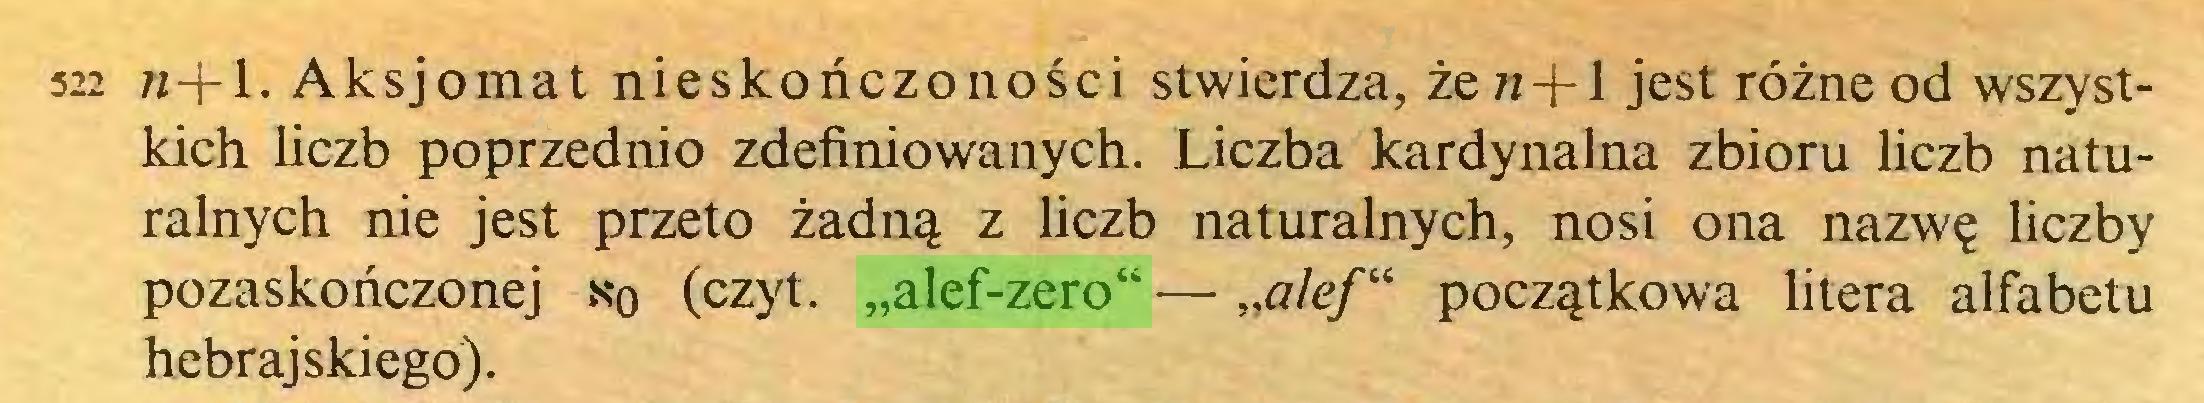 """(...) 522 w-j-l. Aksjomat nieskończoności stwierdza, żezz + l jest różne od wszystkich liczb poprzednio zdefiniowanych. Liczba kardynalna zbioru liczb naturalnych nie jest przeto żadną z liczb naturalnych, nosi ona nazwę liczby pozaskończonej s*o (czyt. """"alef-zero"""" — """"alef"""" początkowa litera alfabetu hebrajskiego)..."""